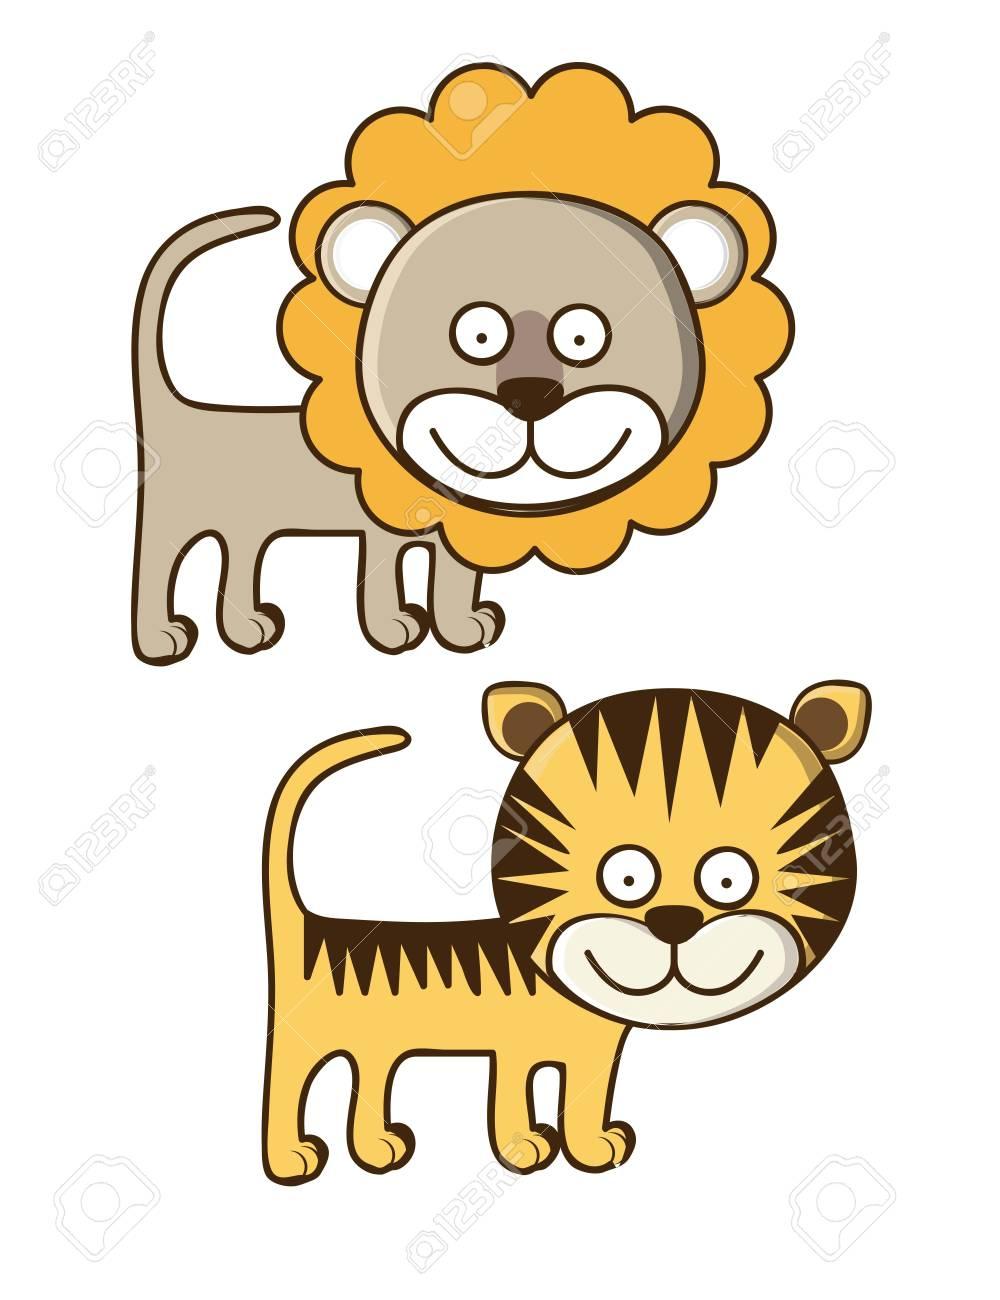 かわいい動物のイラスト。ライオンとトラのイラスト。ベクトル イラスト